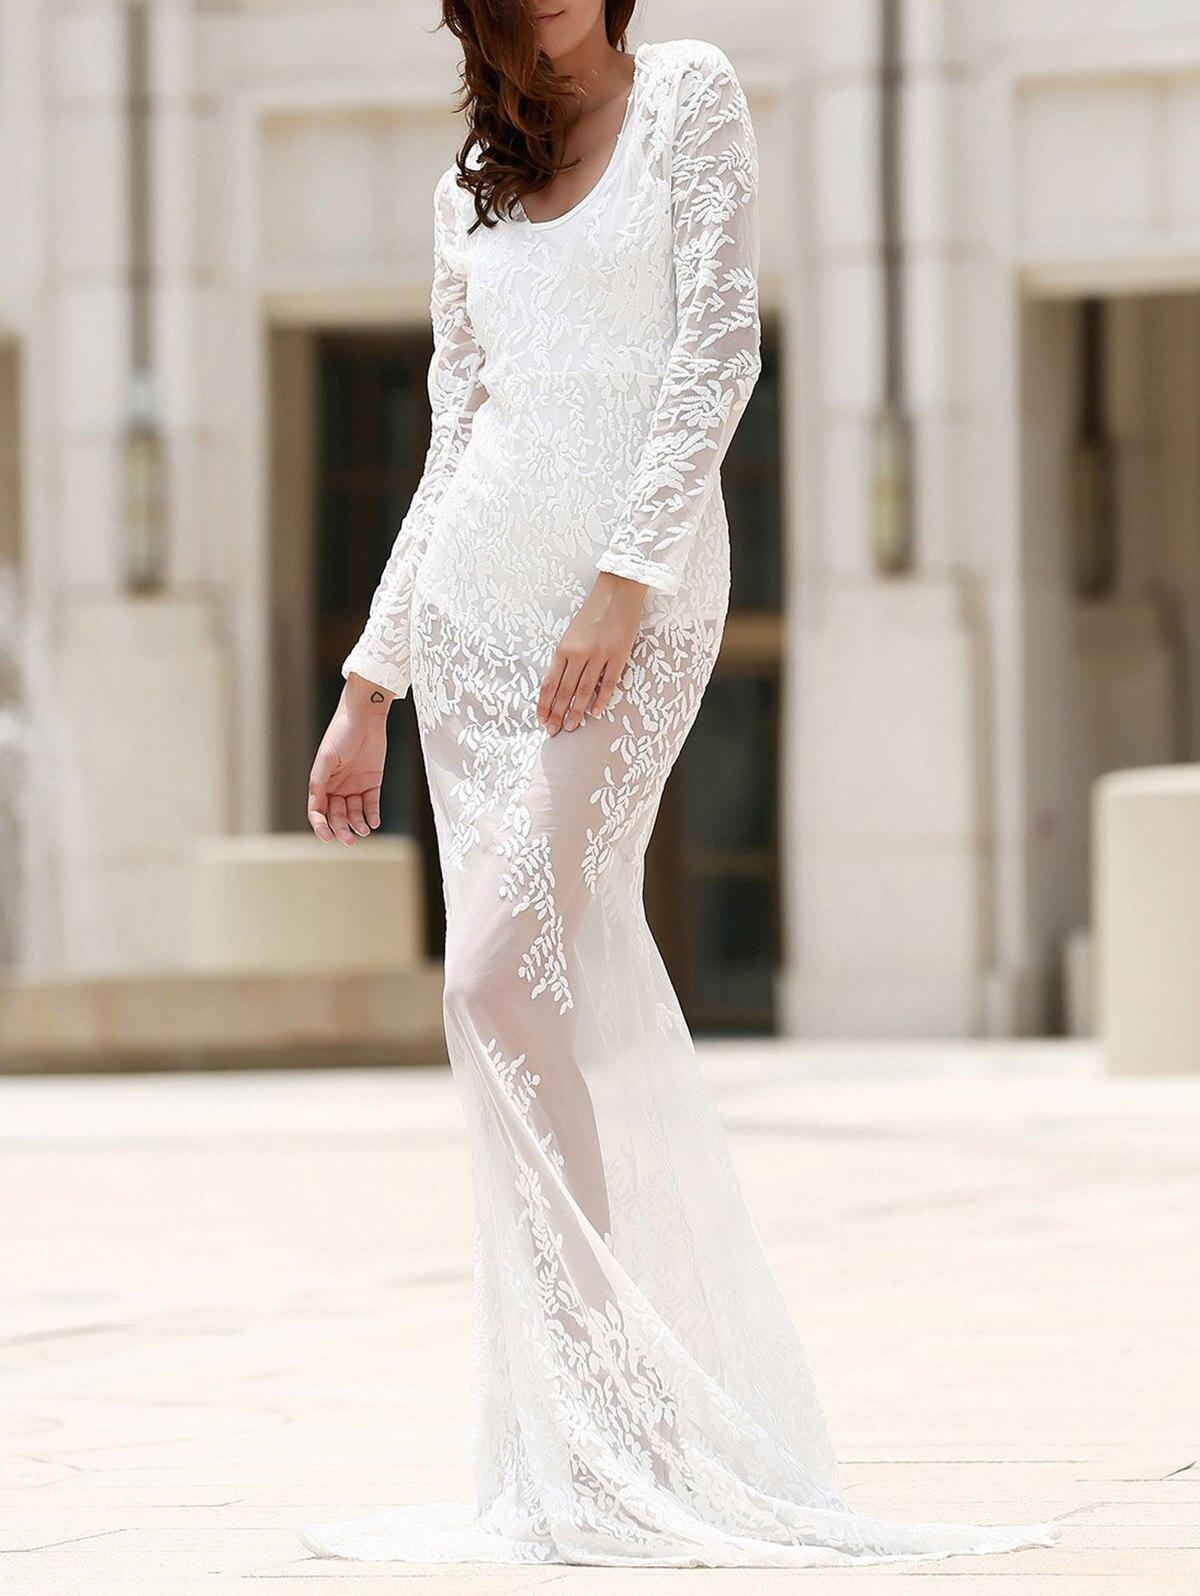 Cosmera в продаже женское платье с глубоким вырезом на шее с длинным рукавом Кружевное платье для выпускного вечера вечерние платья